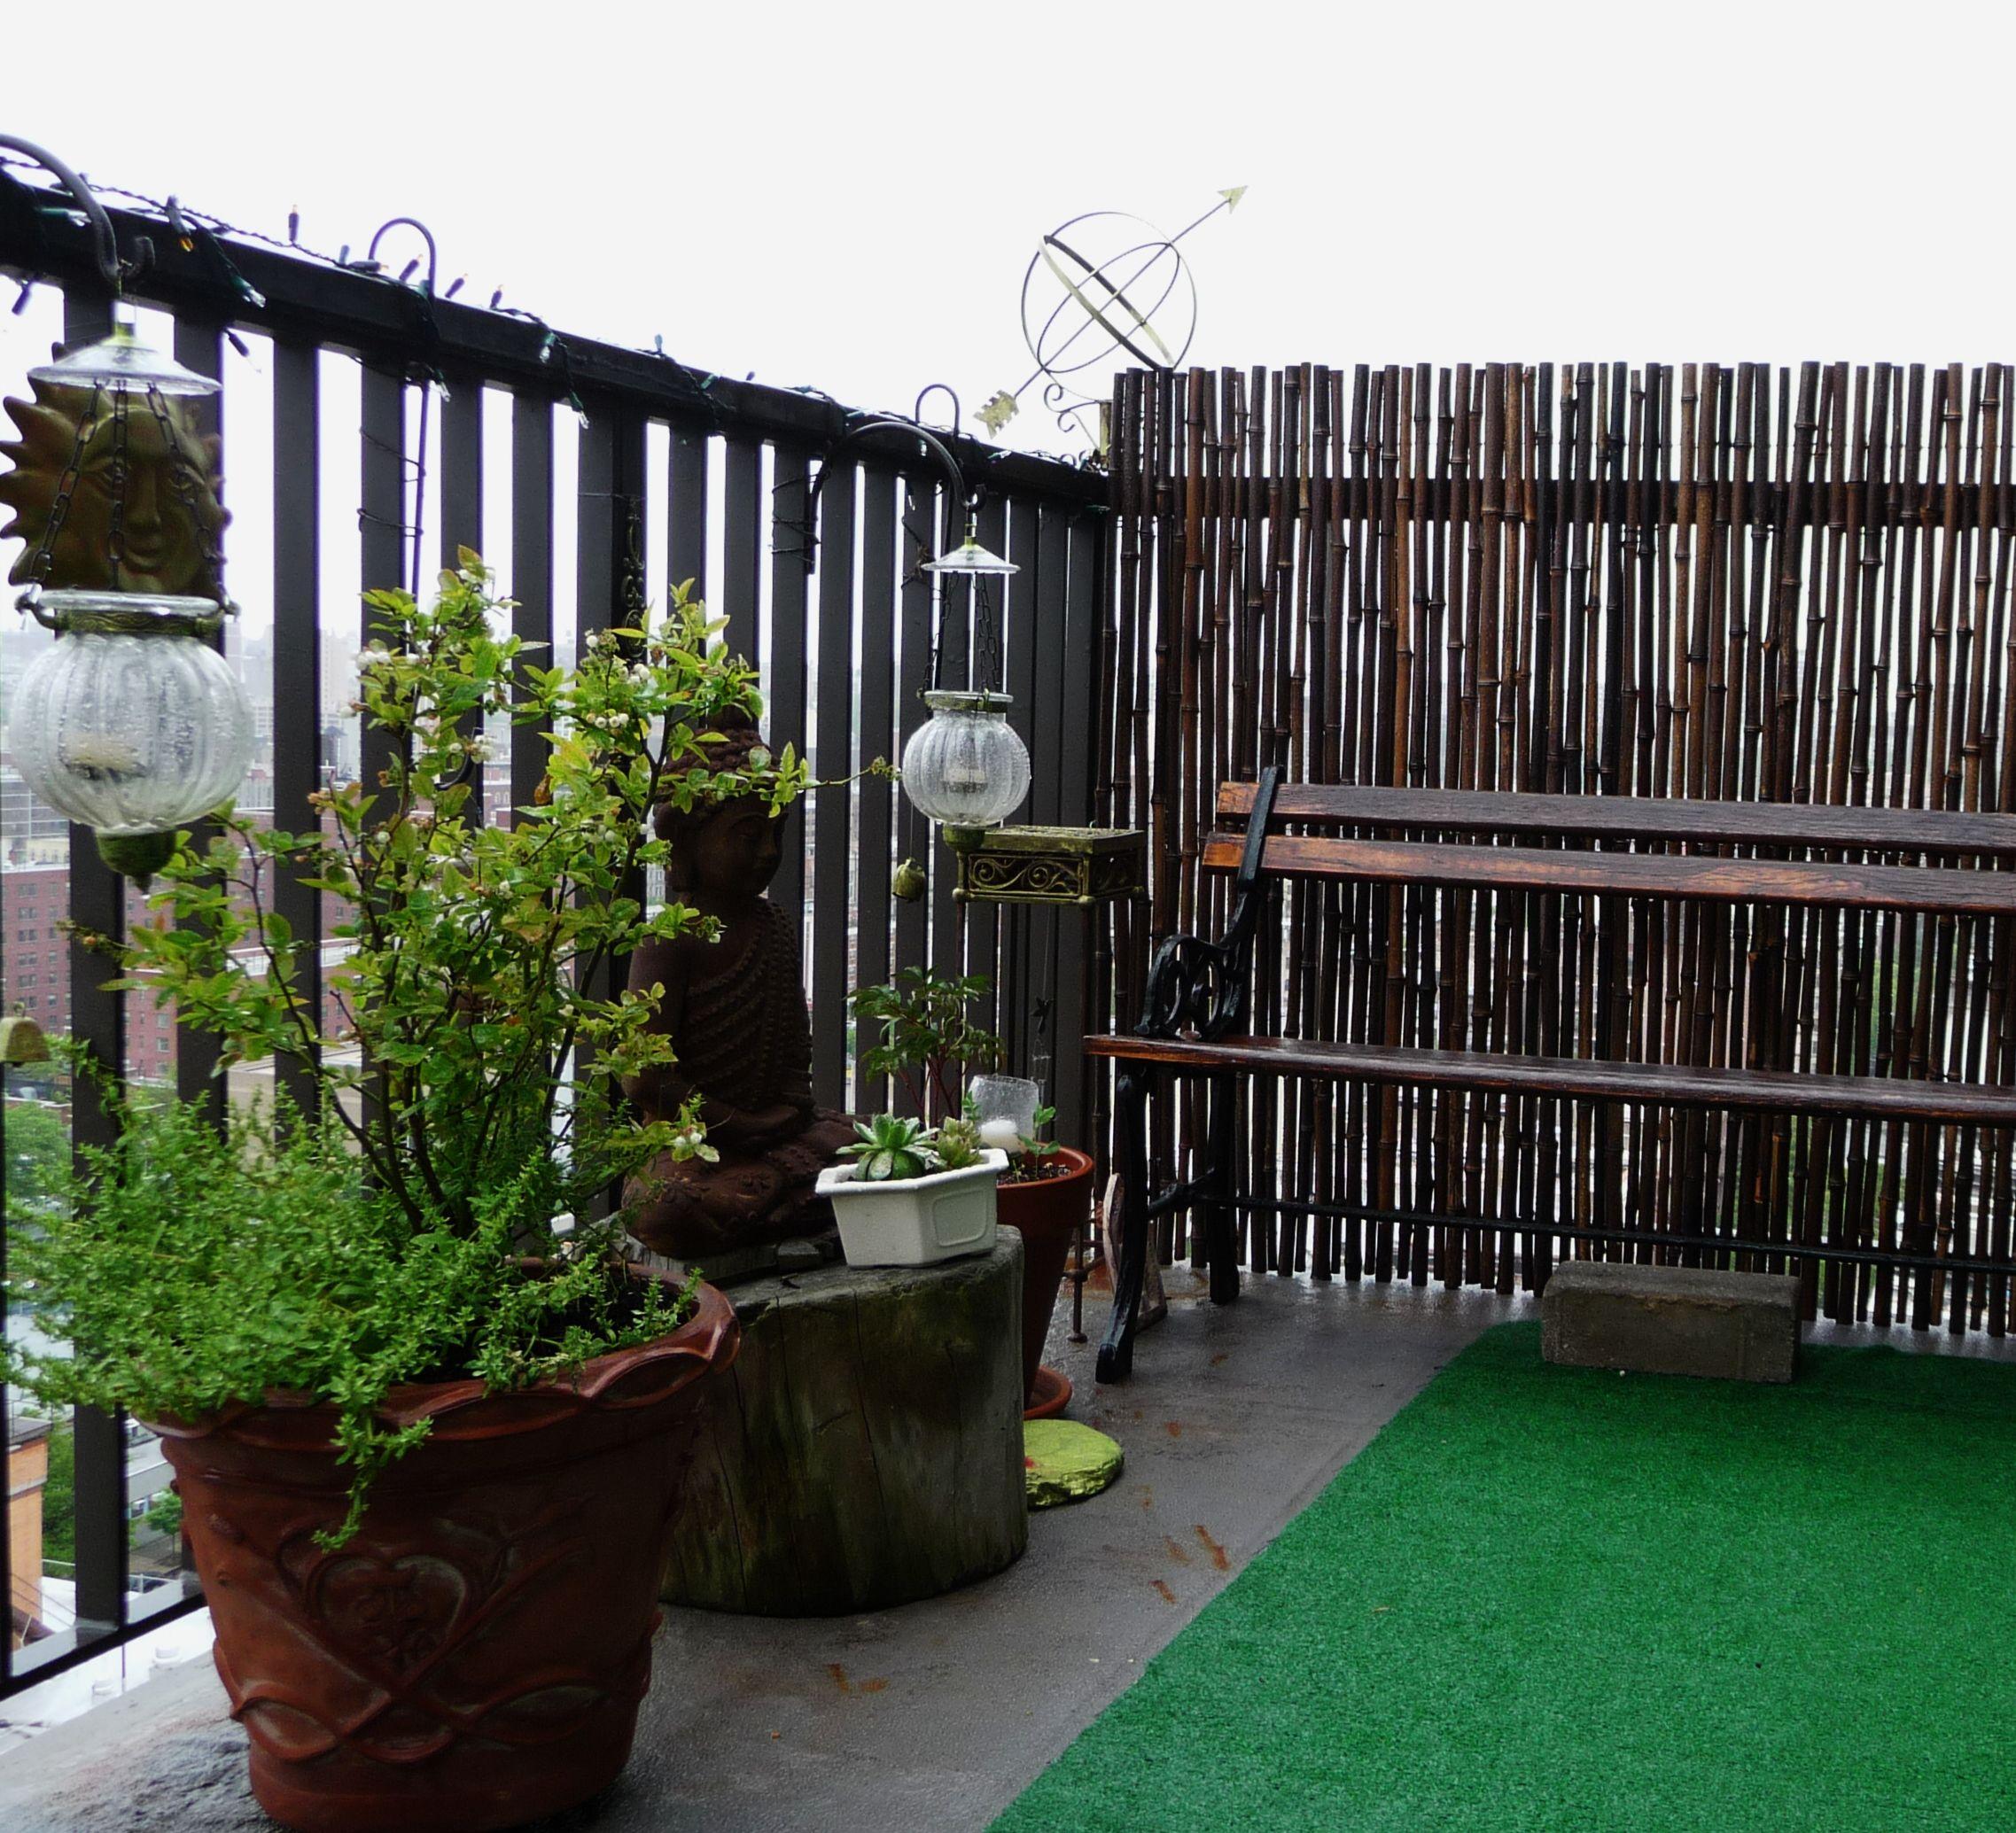 Black Bamboo Fence, NYC Terrace Garden